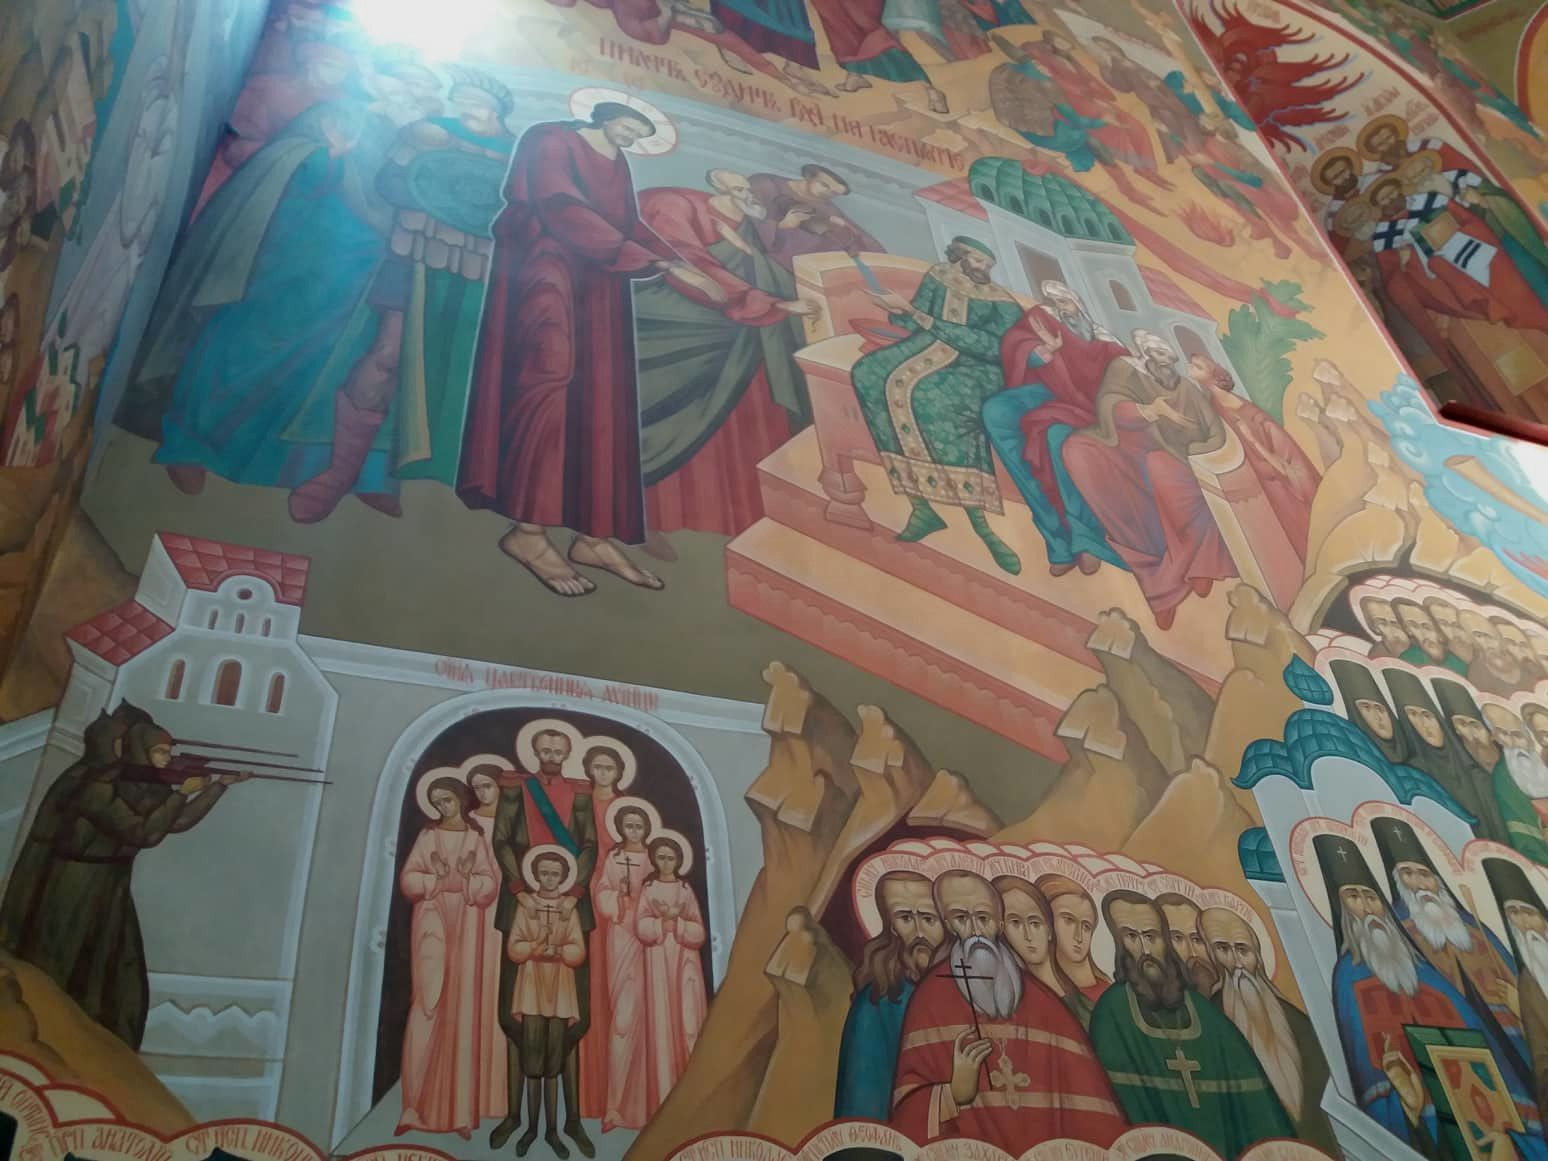 Wandbild in einer russisch-orthodoxen Kirche